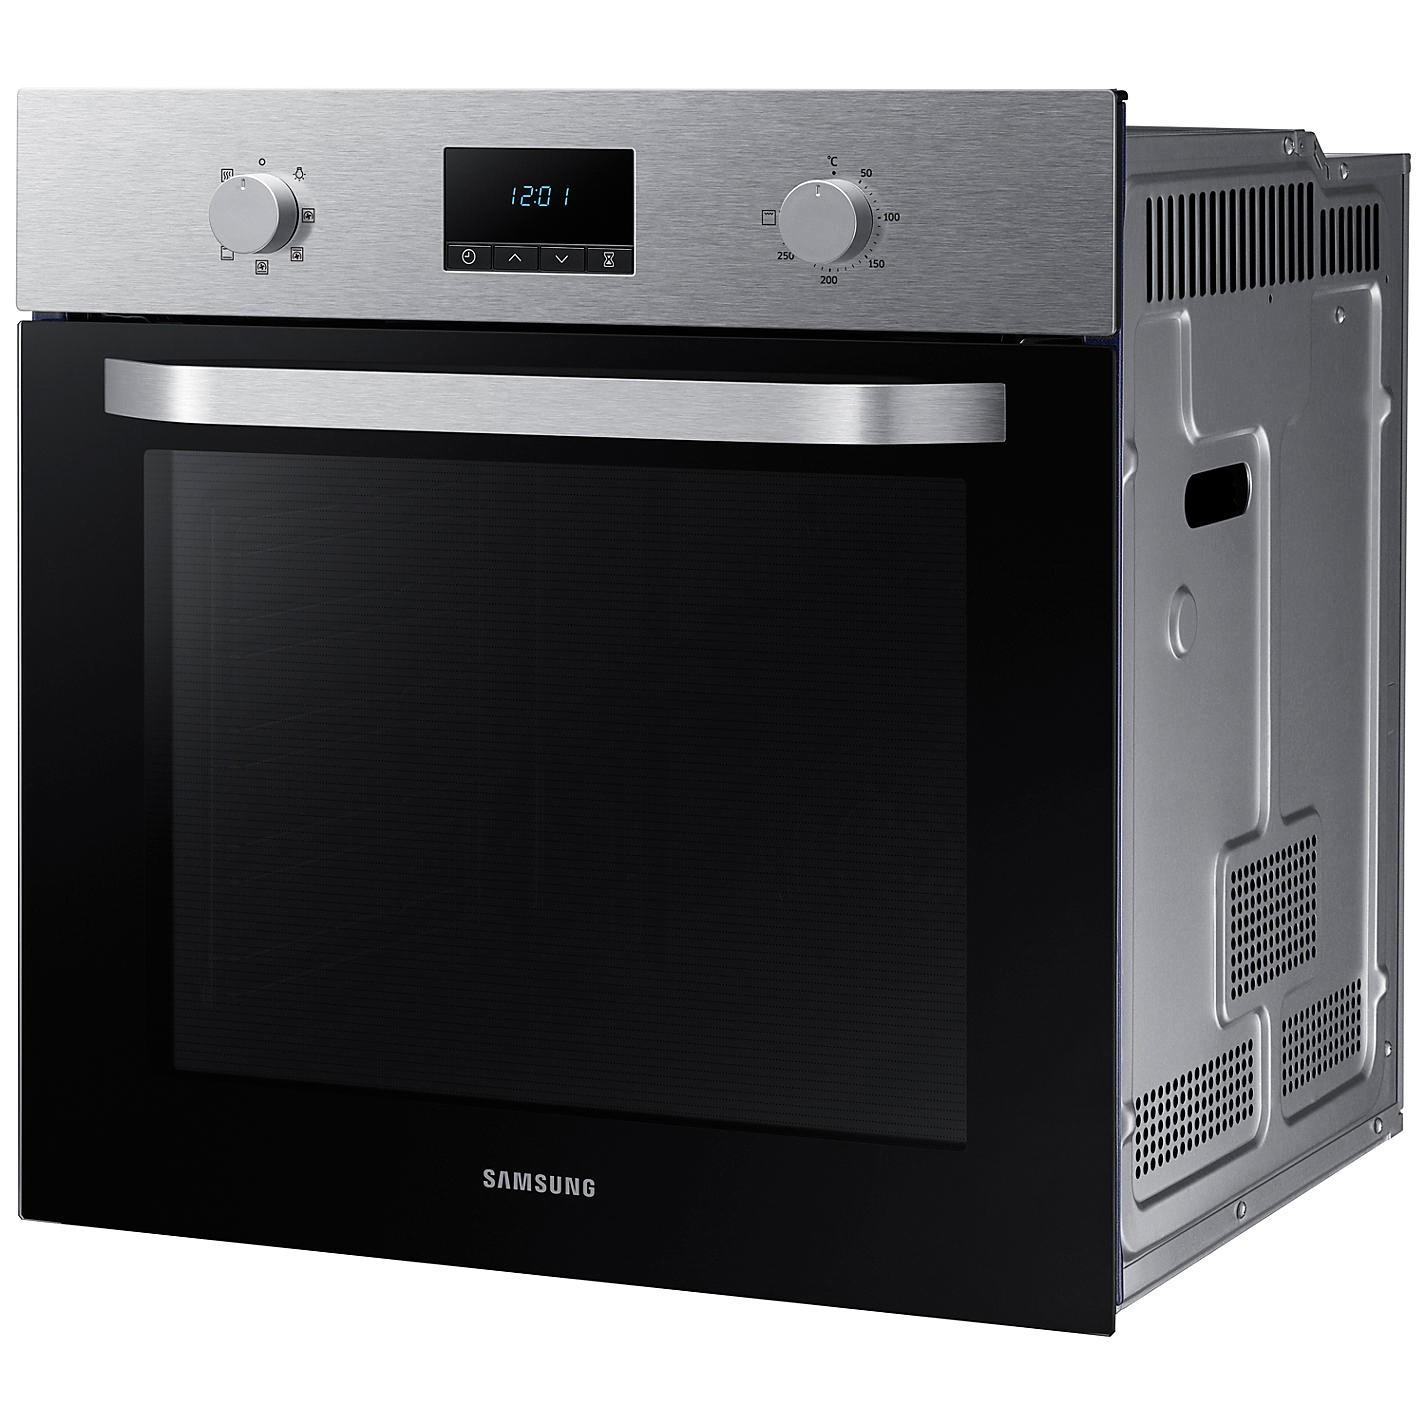 NV70K1340BS/EE : Samsung integrert stekeovn NV70K1340BS